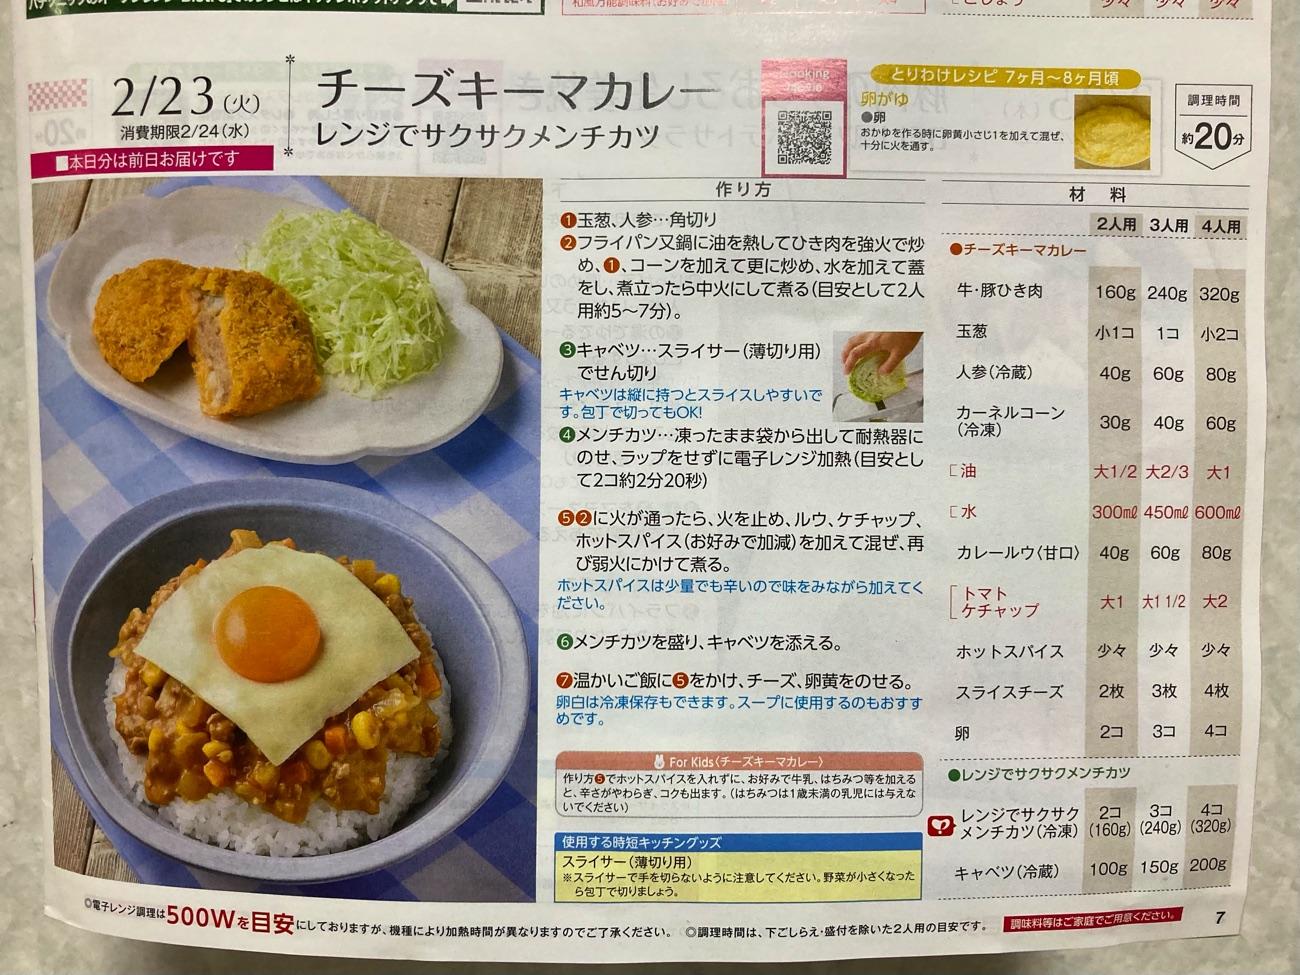 「ヨシケイ」のレシピ